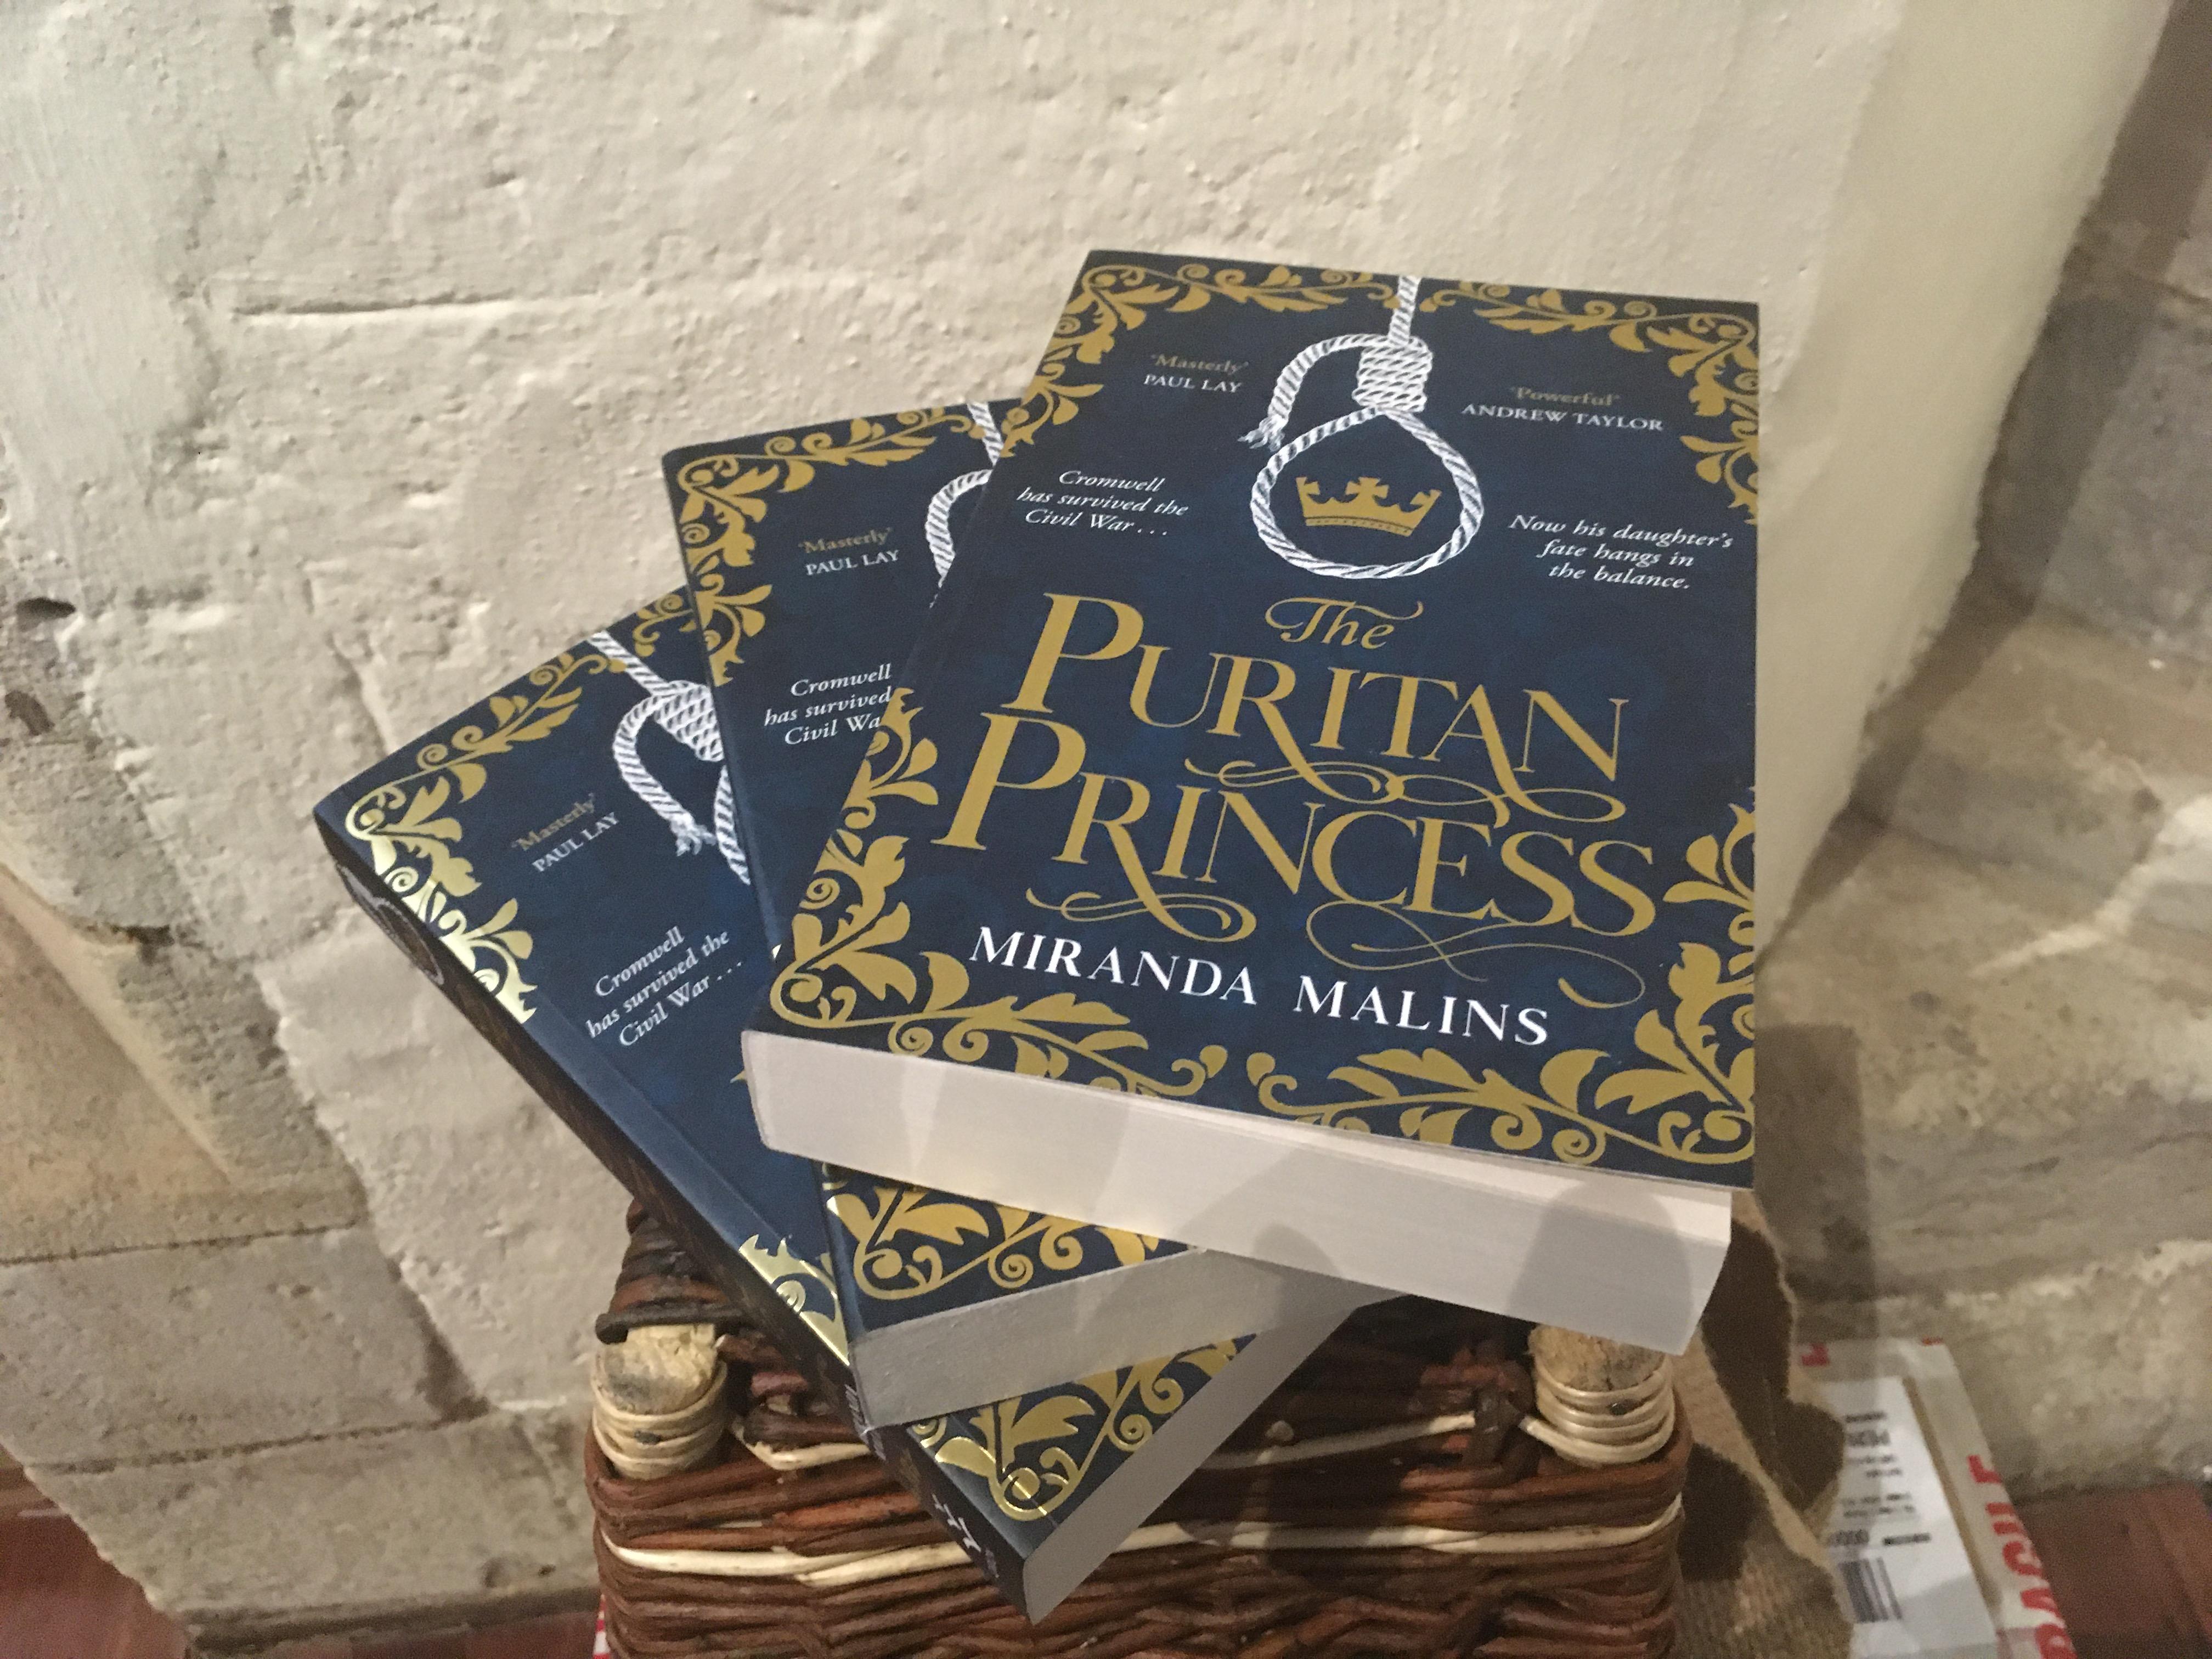 Book: The Puritan Princess (Paperback) (SKU: BK-FI-003)